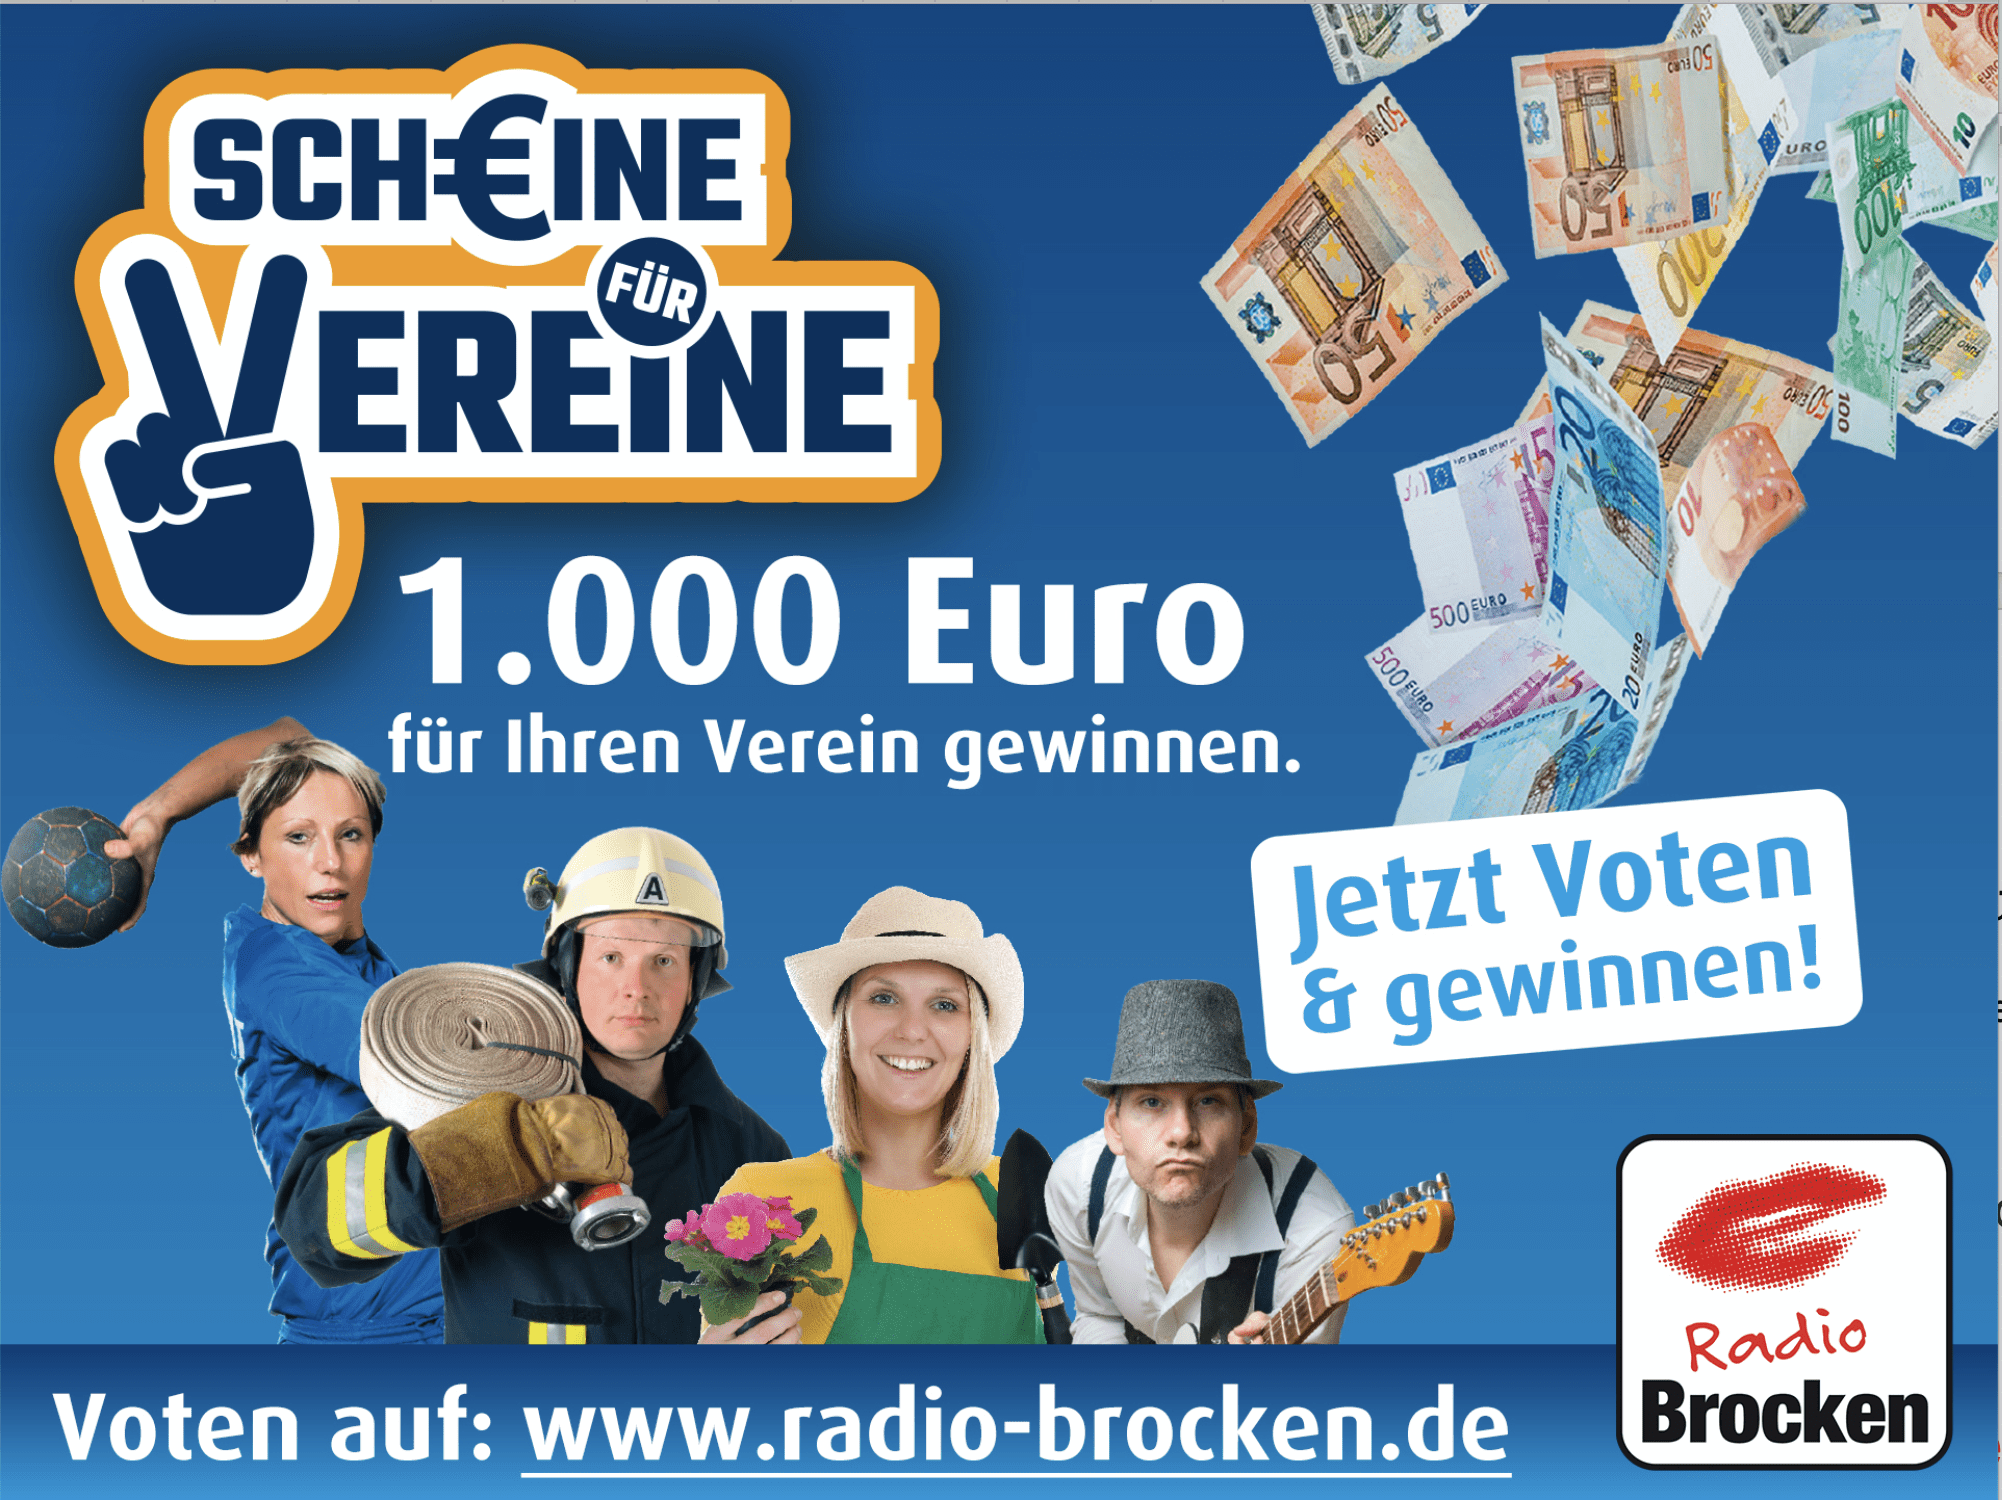 Gewinnspiel-Cases Radio & TV Scheine für vereine